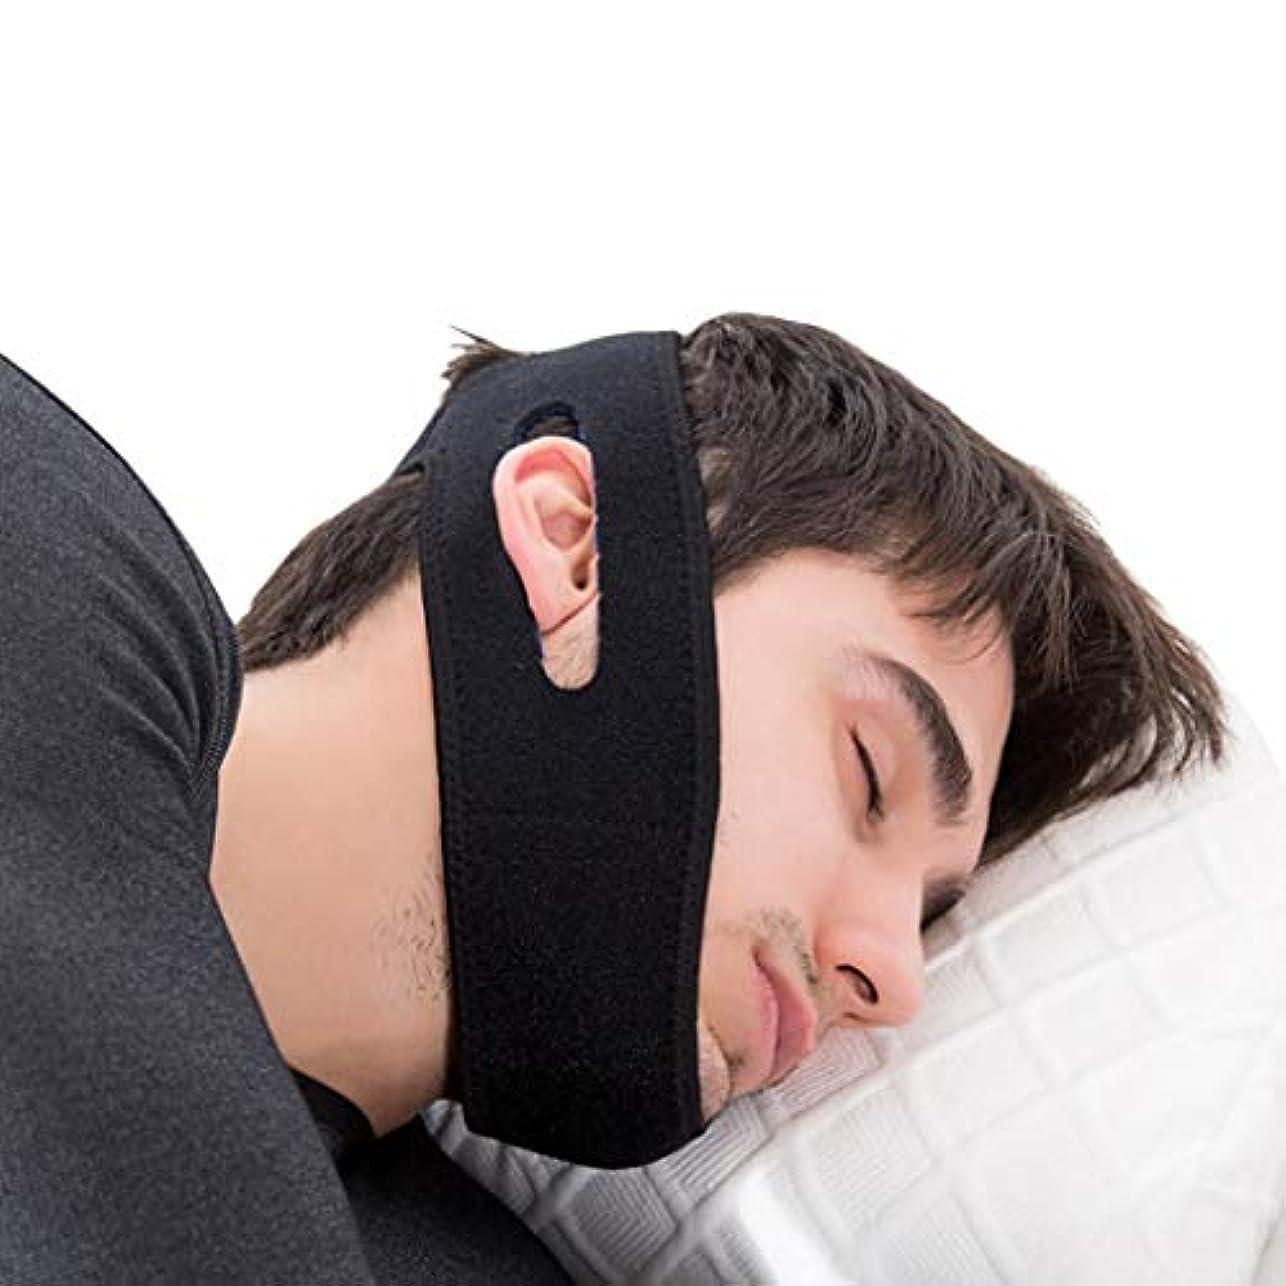 洗練誰ホバーフェイシャルリフティングベルト、Vフェースリフティングおよび締め付け、ユニセックスフェイシャル減量マスク、減量チーク(全コード、黒+青)